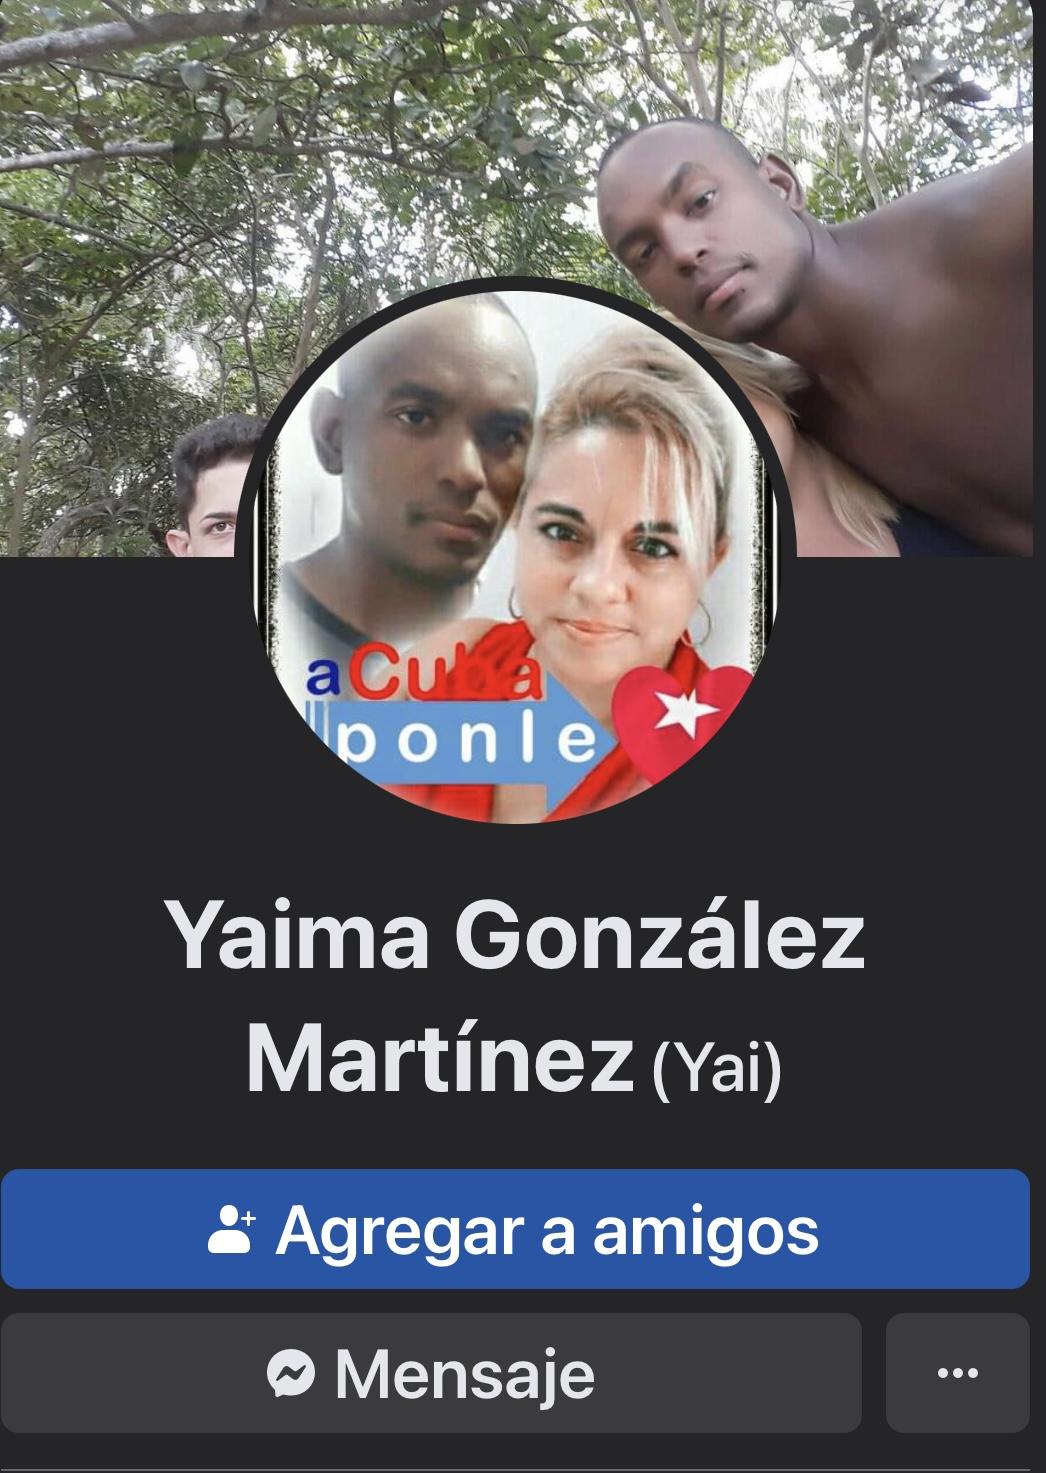 Yaima Gonzalez Martinez